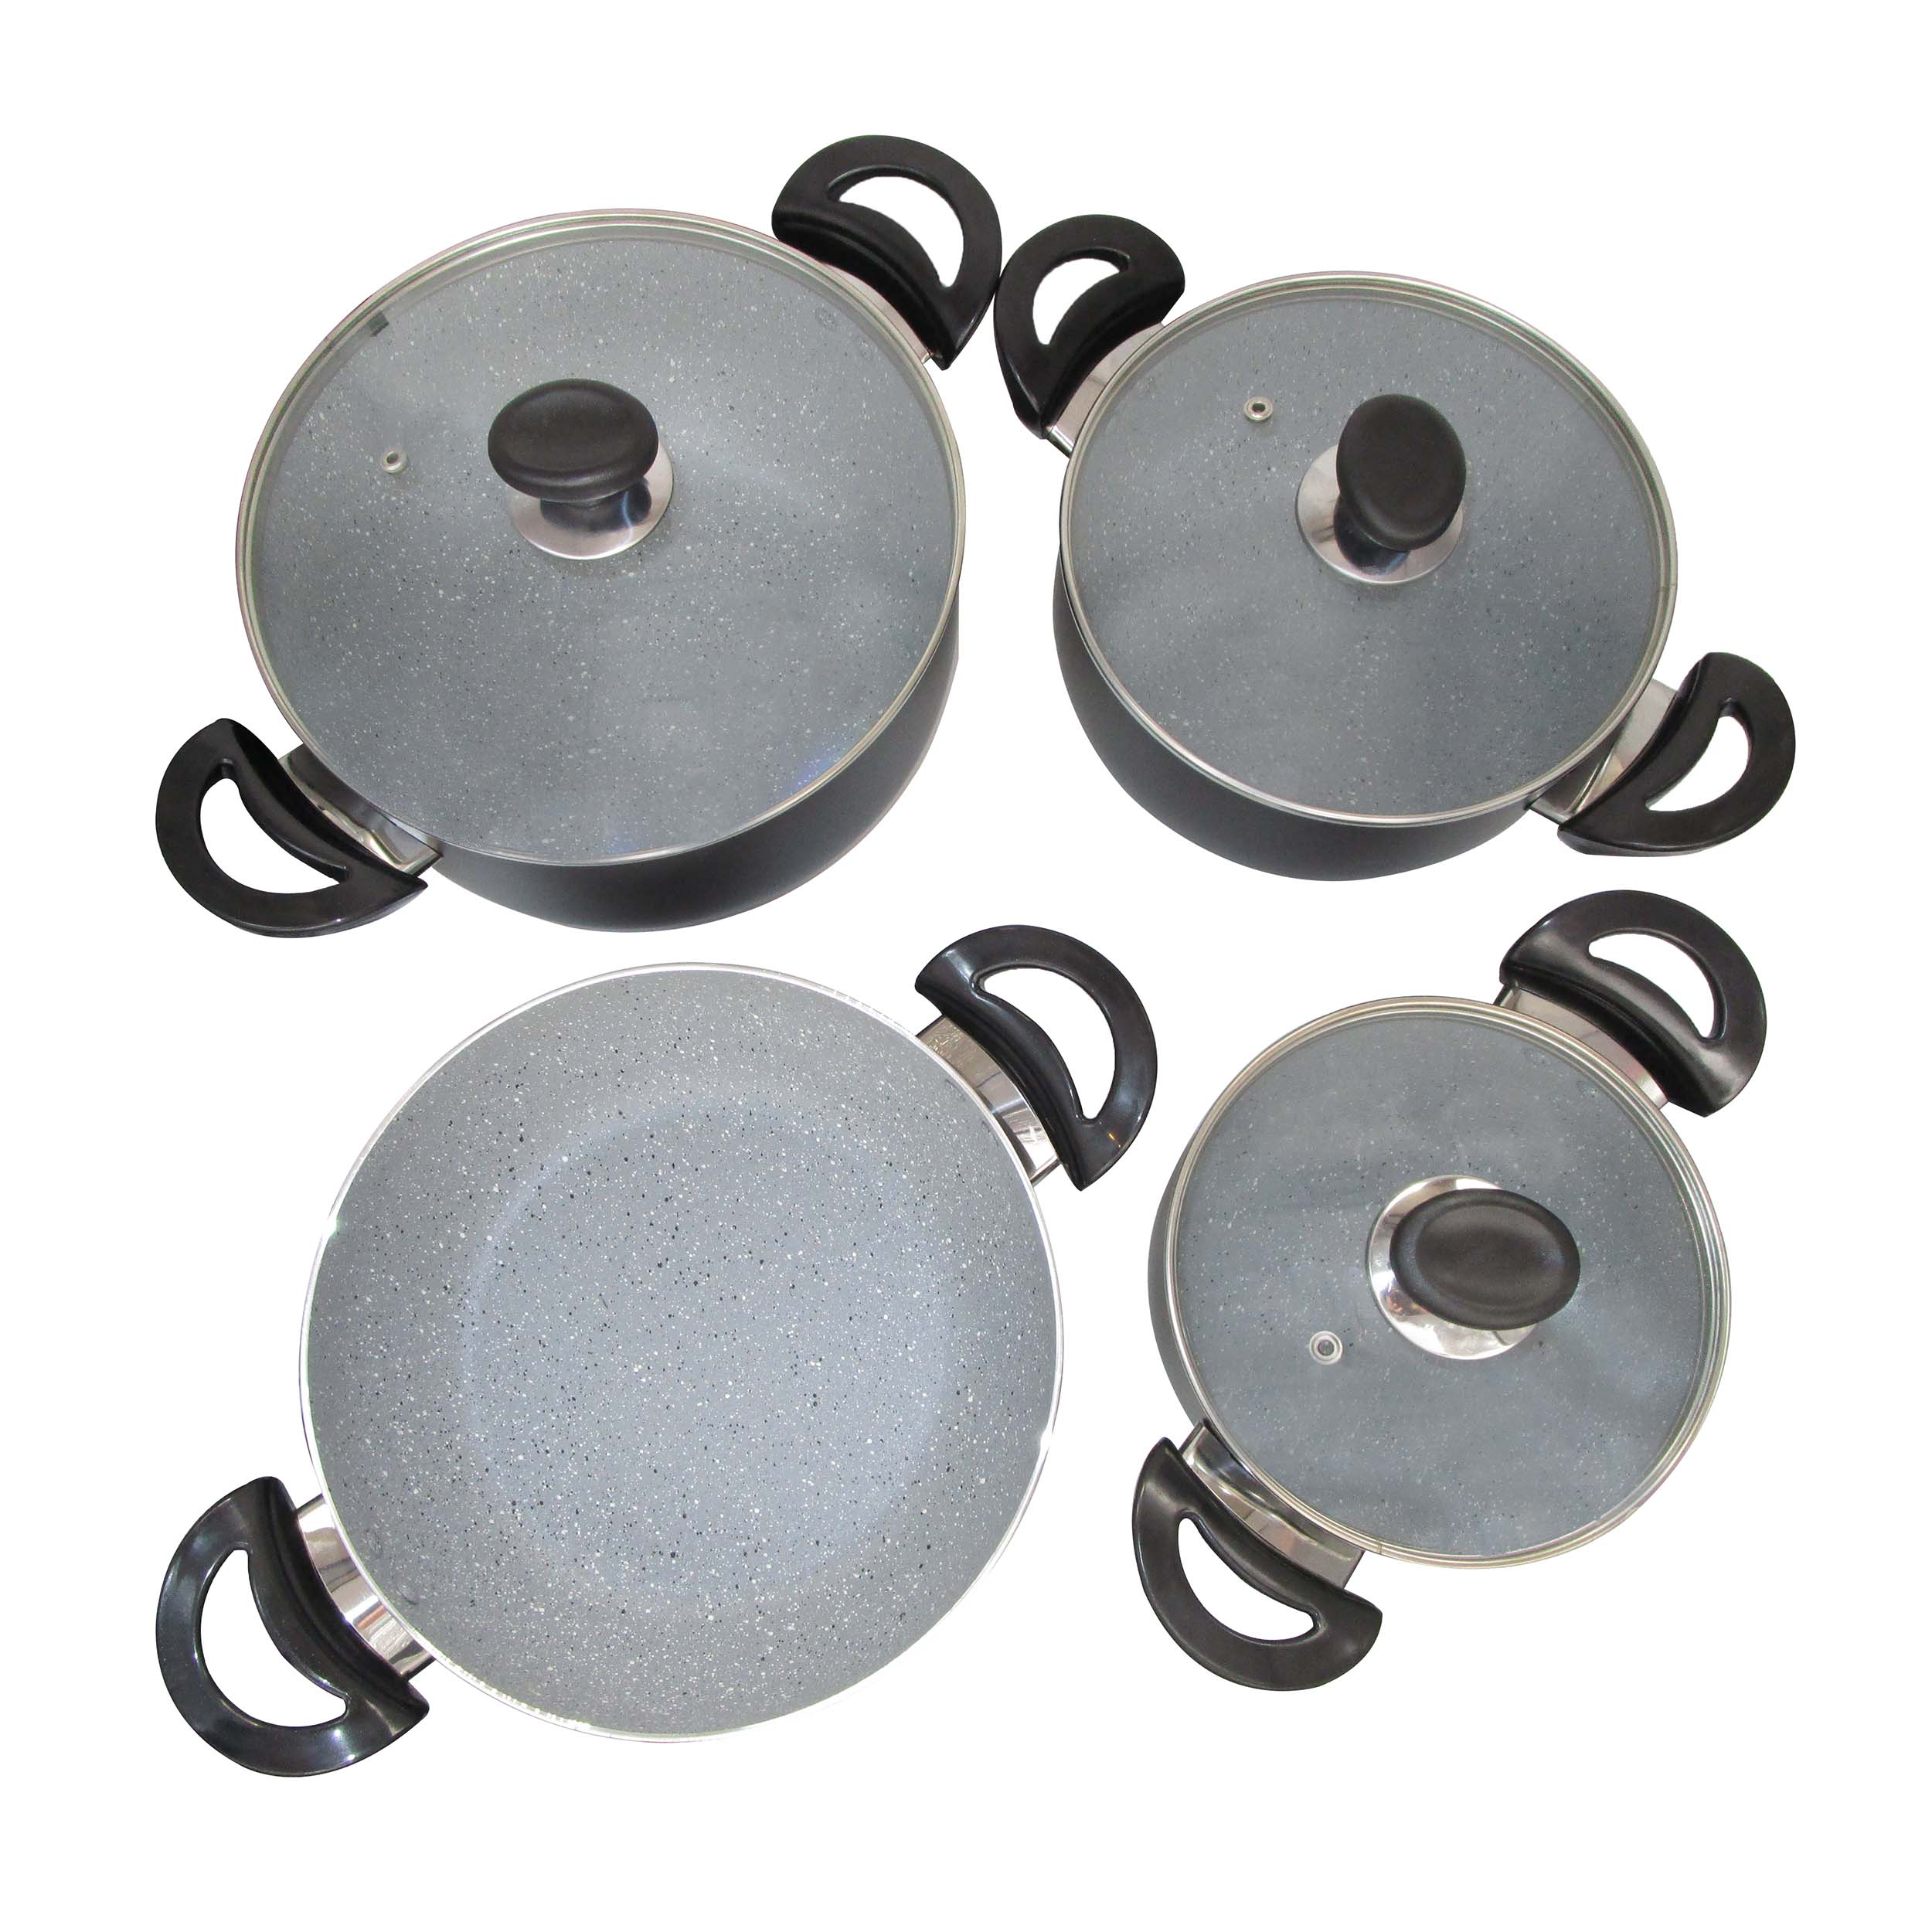 سرویس پخت و پز 7 پارچه هرا مدل A07